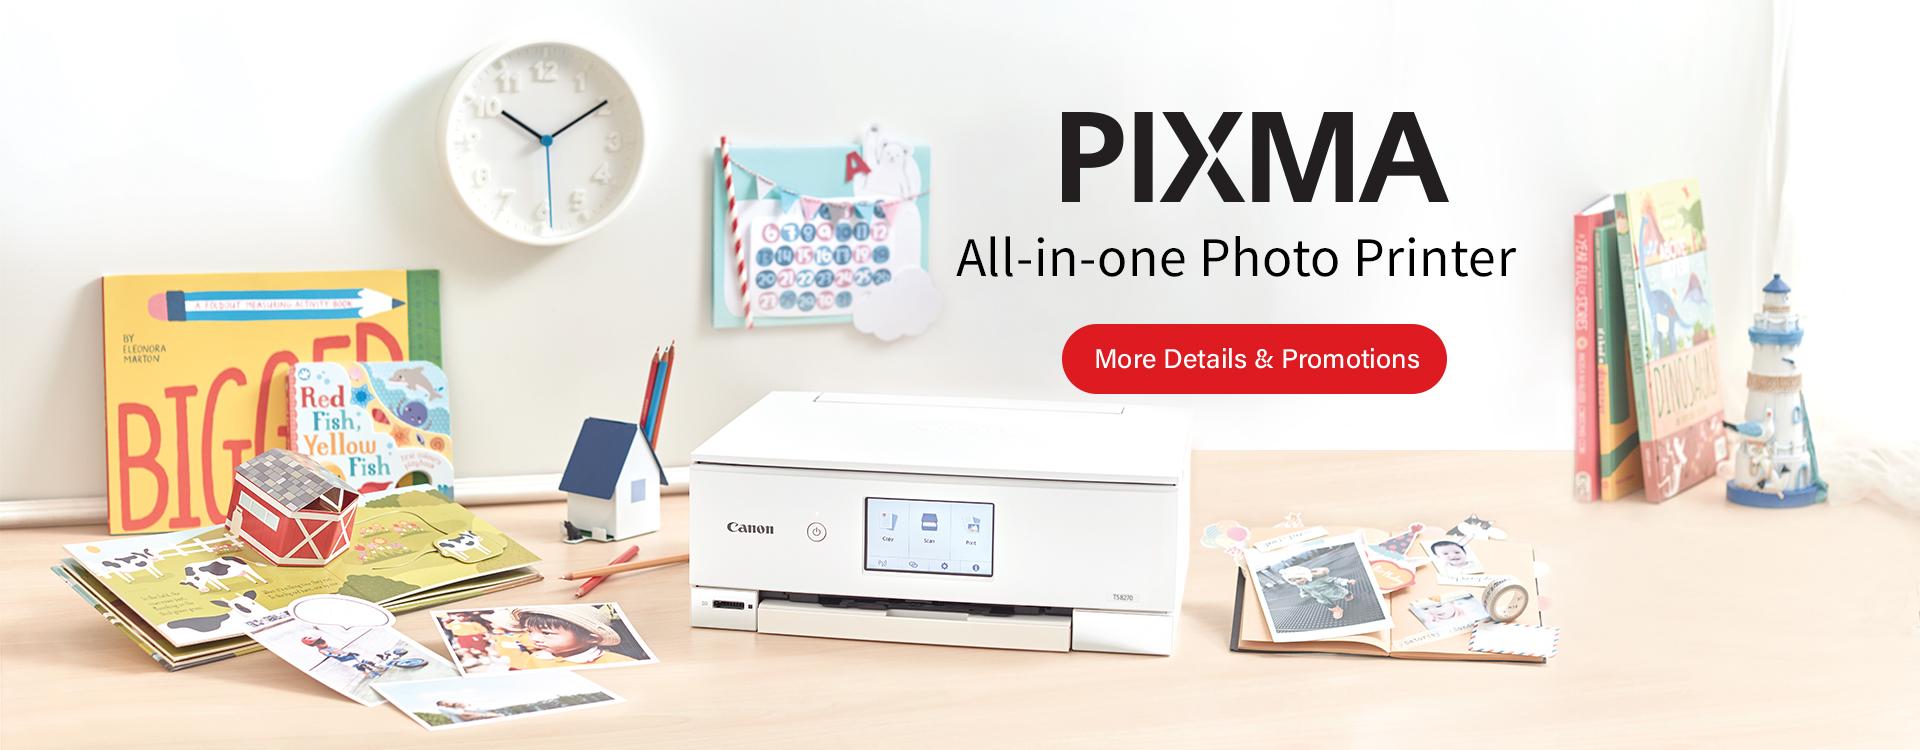 CII-PIXMA-Banner-TS8370